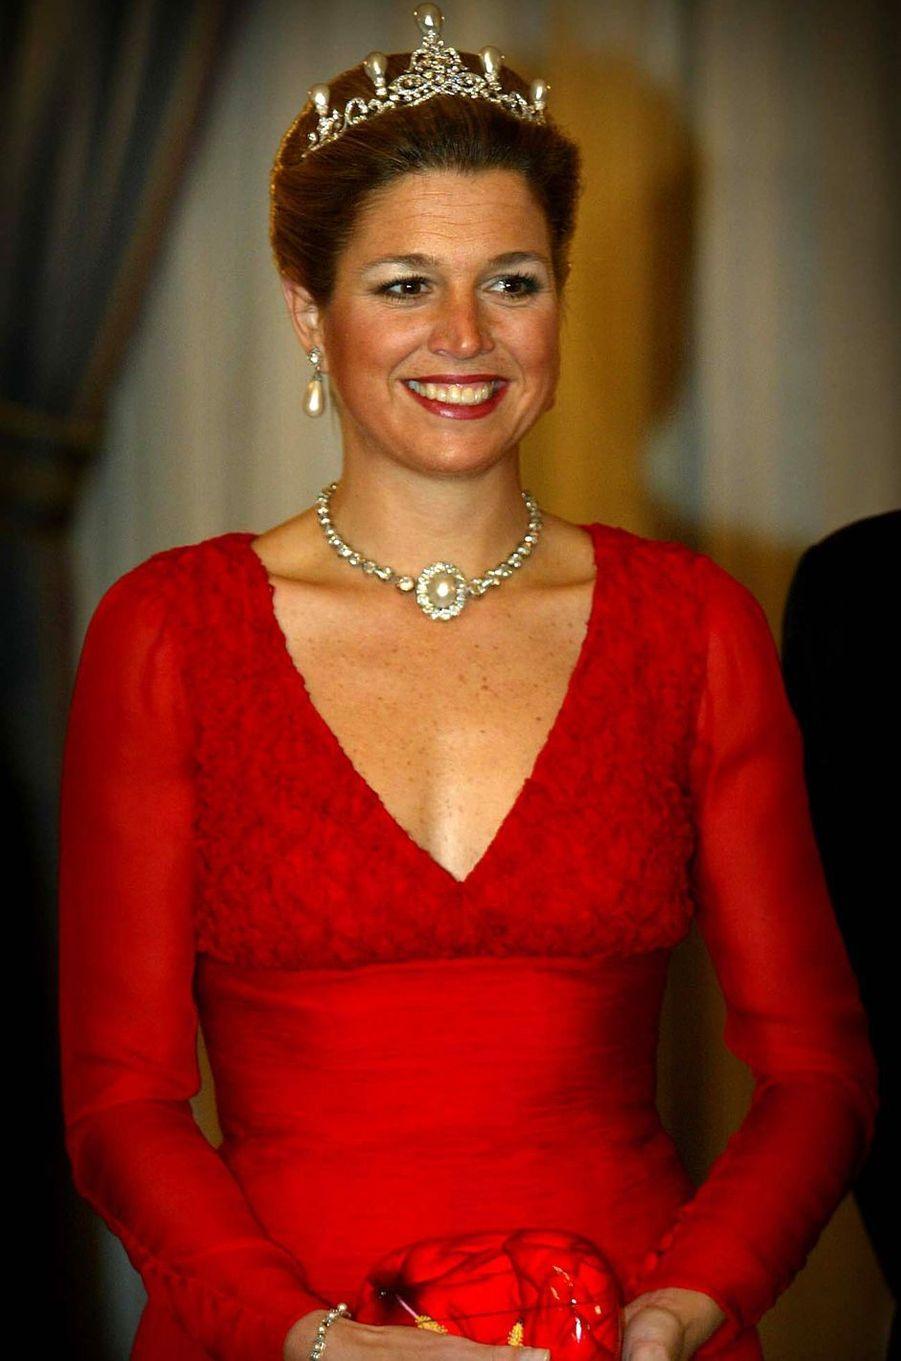 La princesse Maxima des Pays-Bas, le 27 janvier 2003